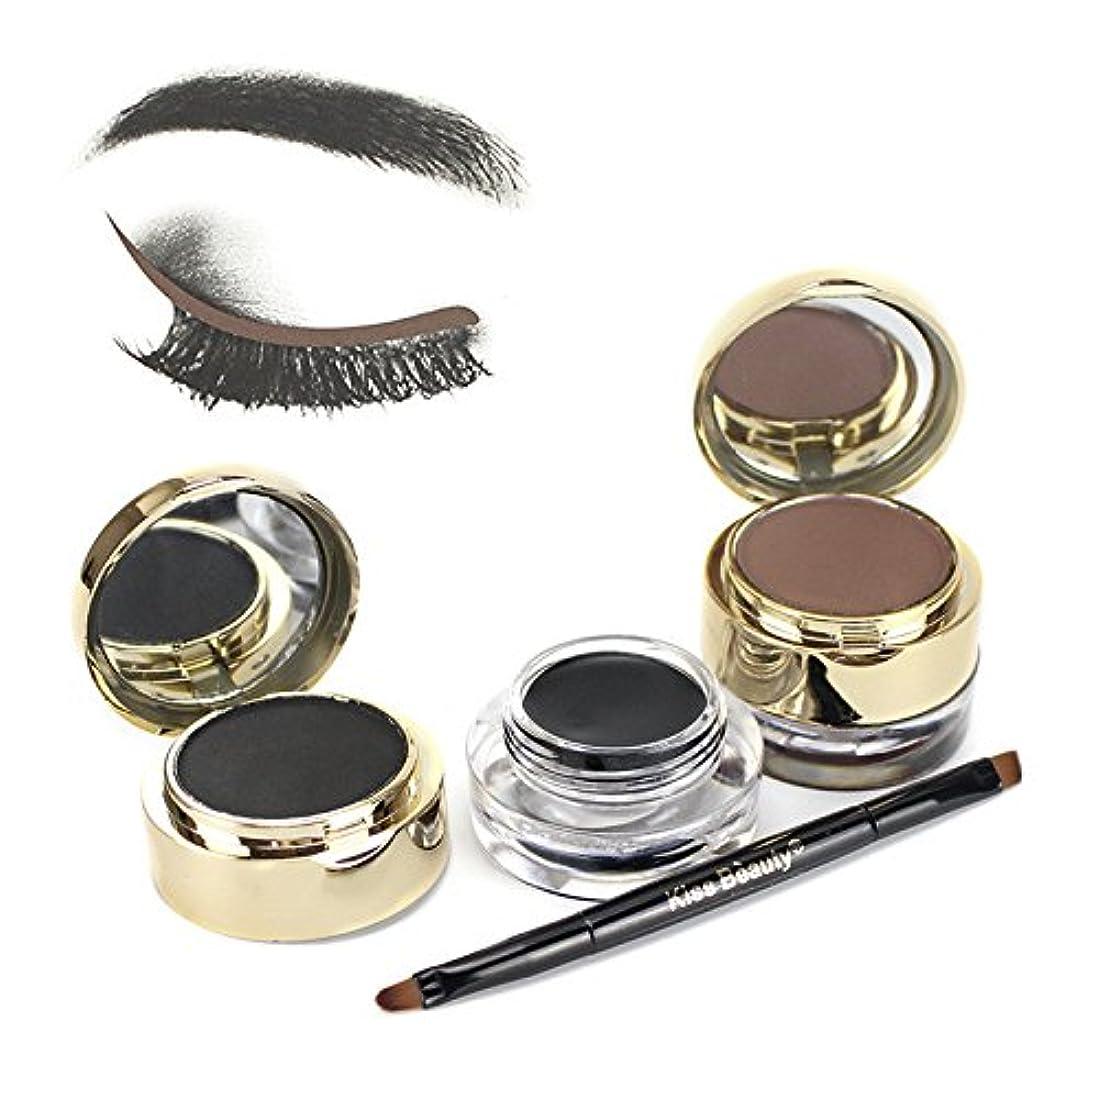 キャプション主移行二重色の化粧品の粉の煙のようなアイシャドウパレットの構造の一定の目